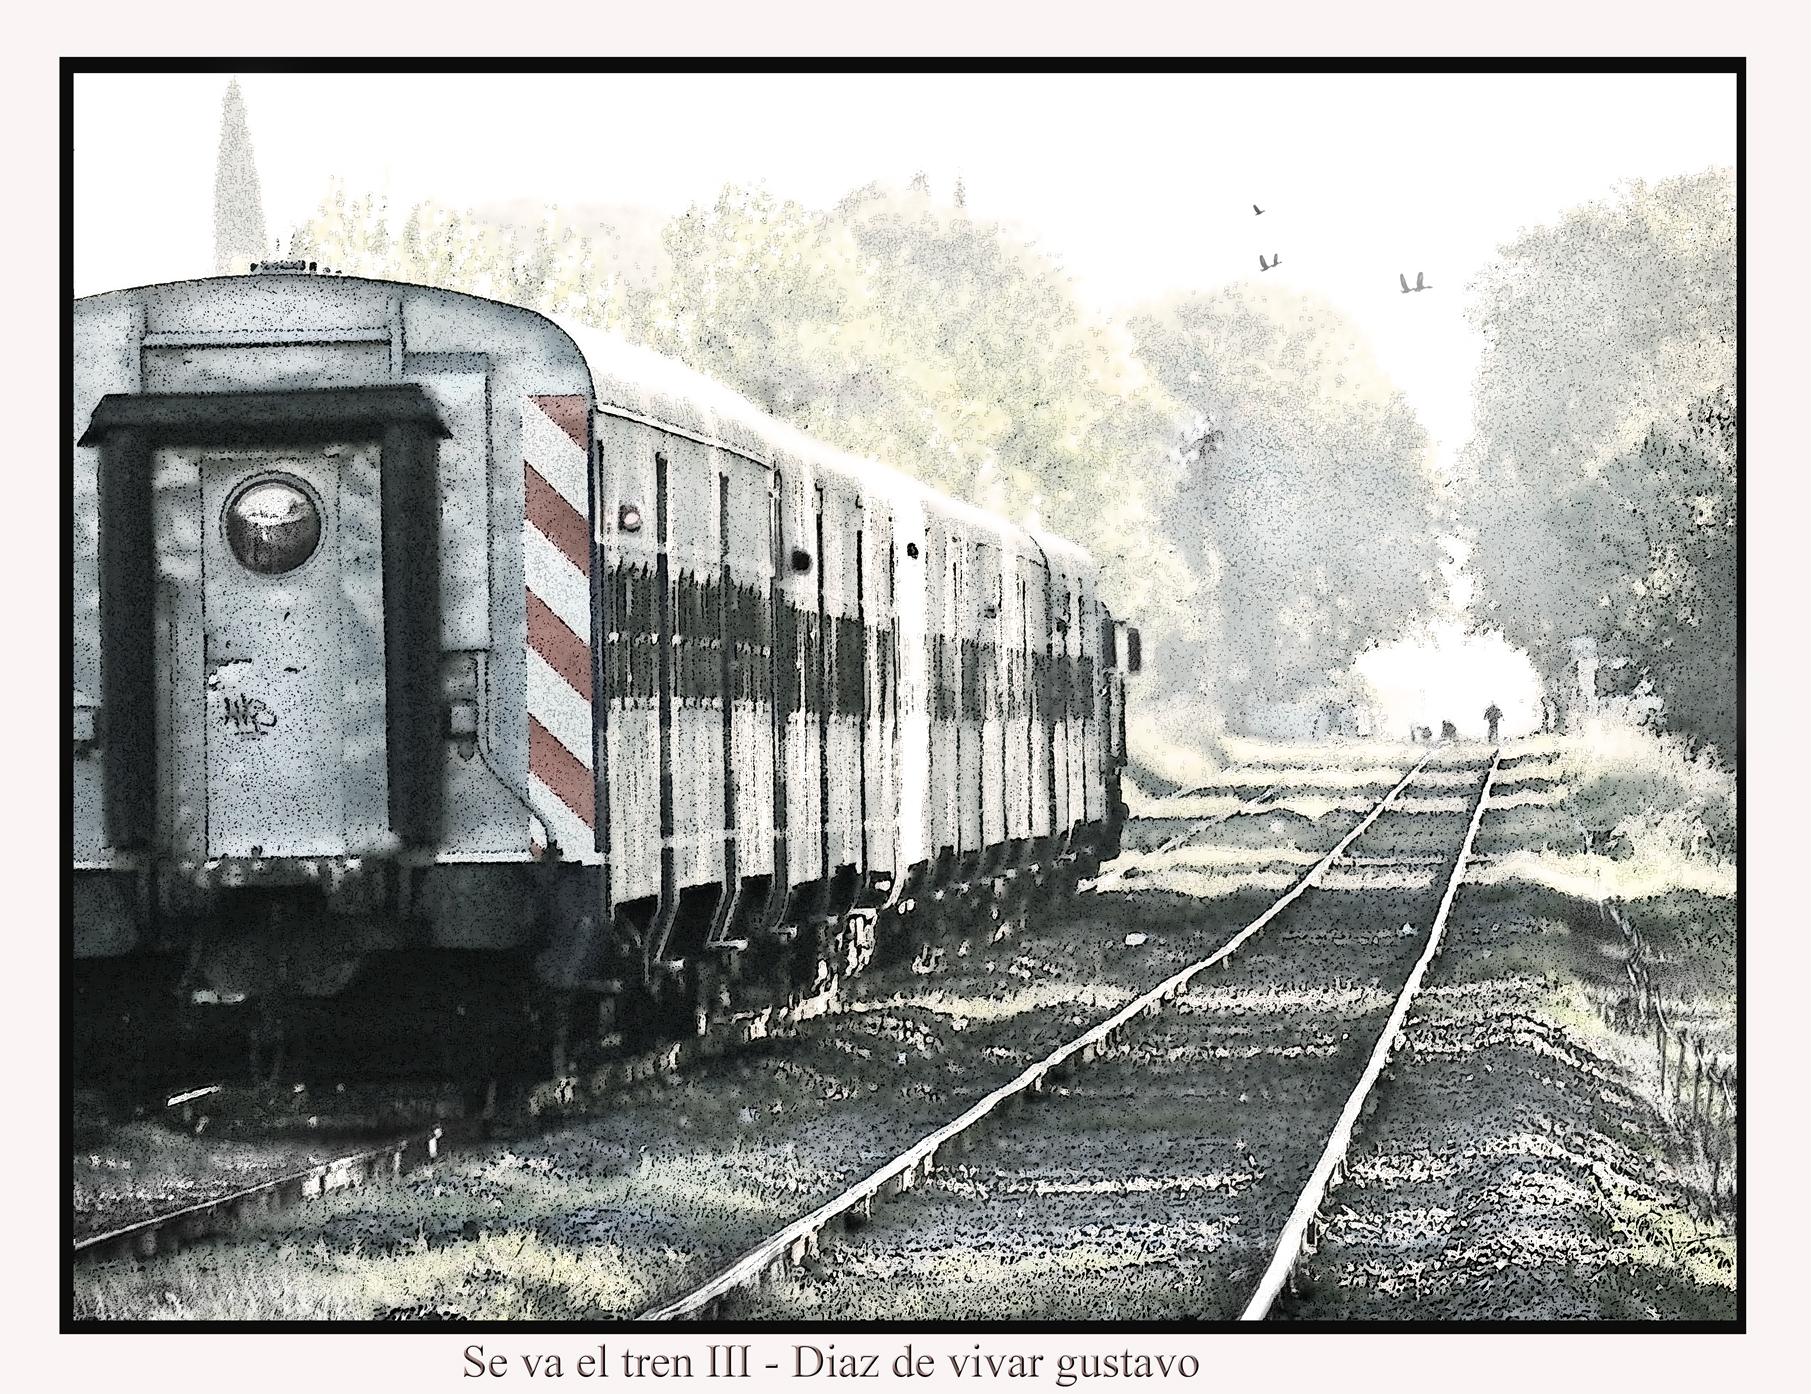 Se va el tren